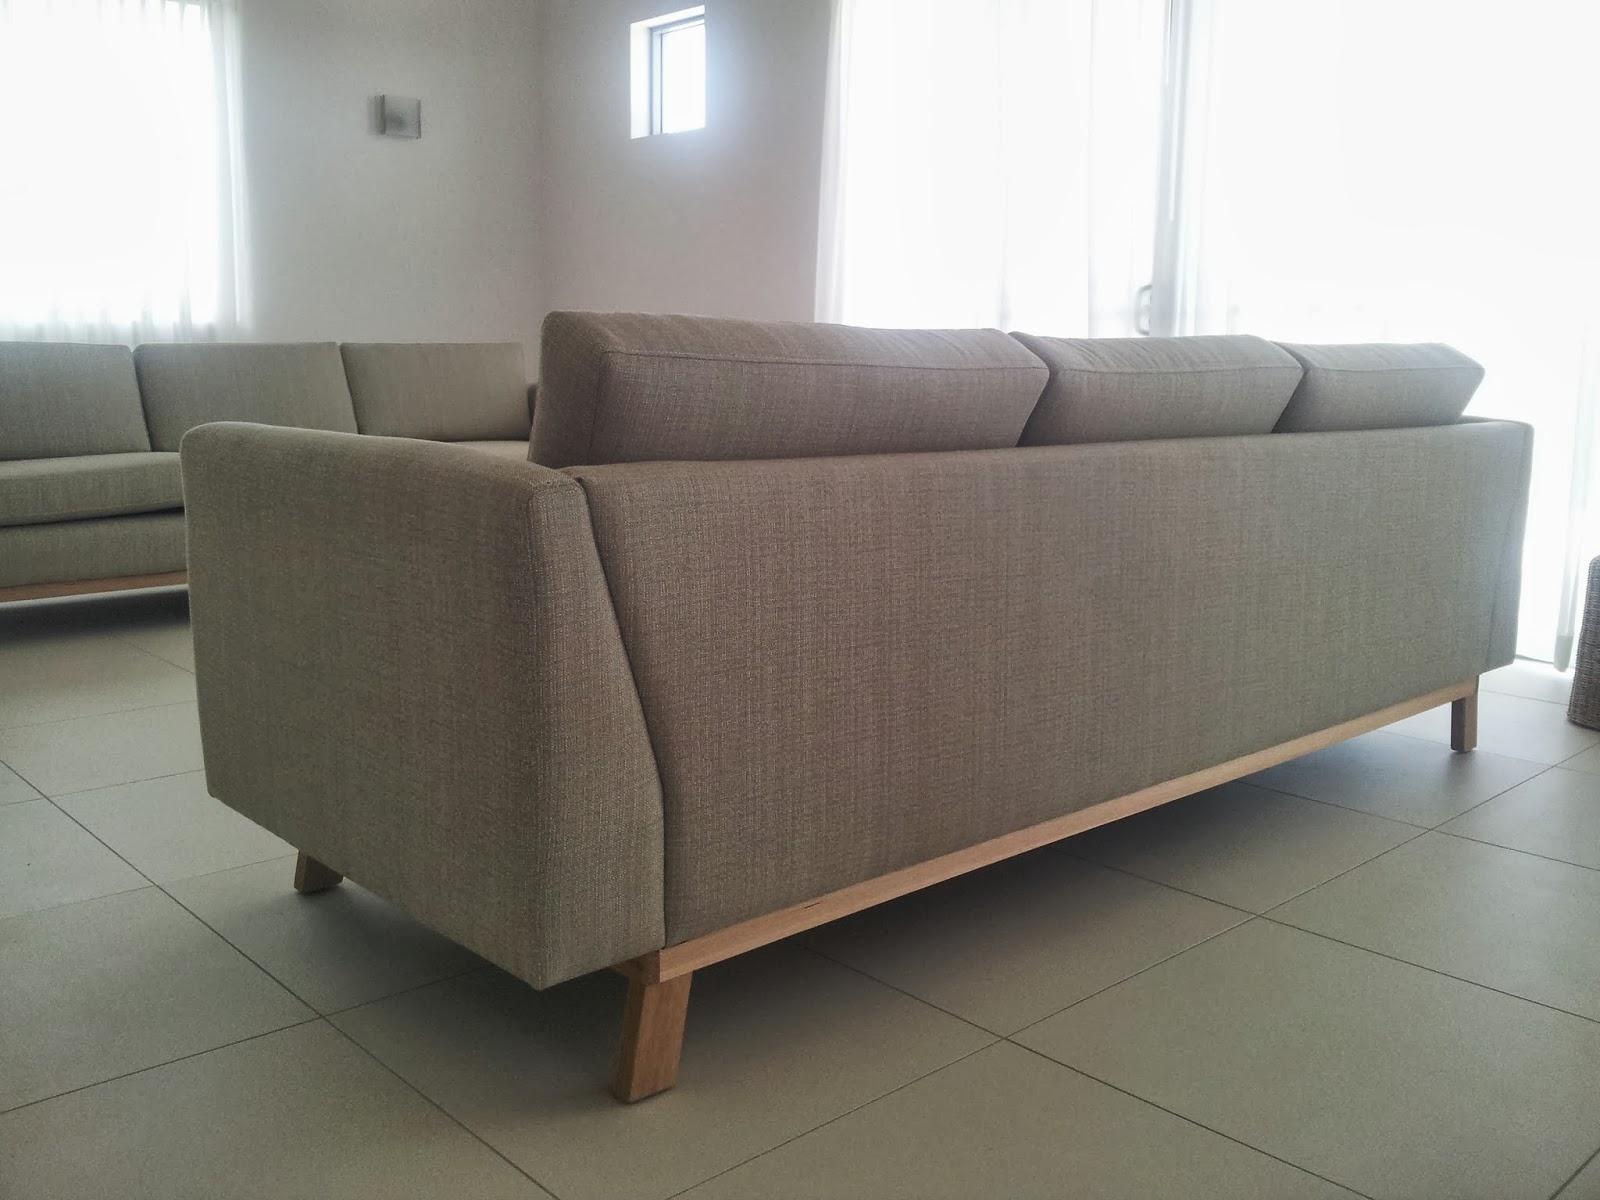 Astounding Custom Made Sofas Australia Homeminimalisite Com Andrewgaddart Wooden Chair Designs For Living Room Andrewgaddartcom